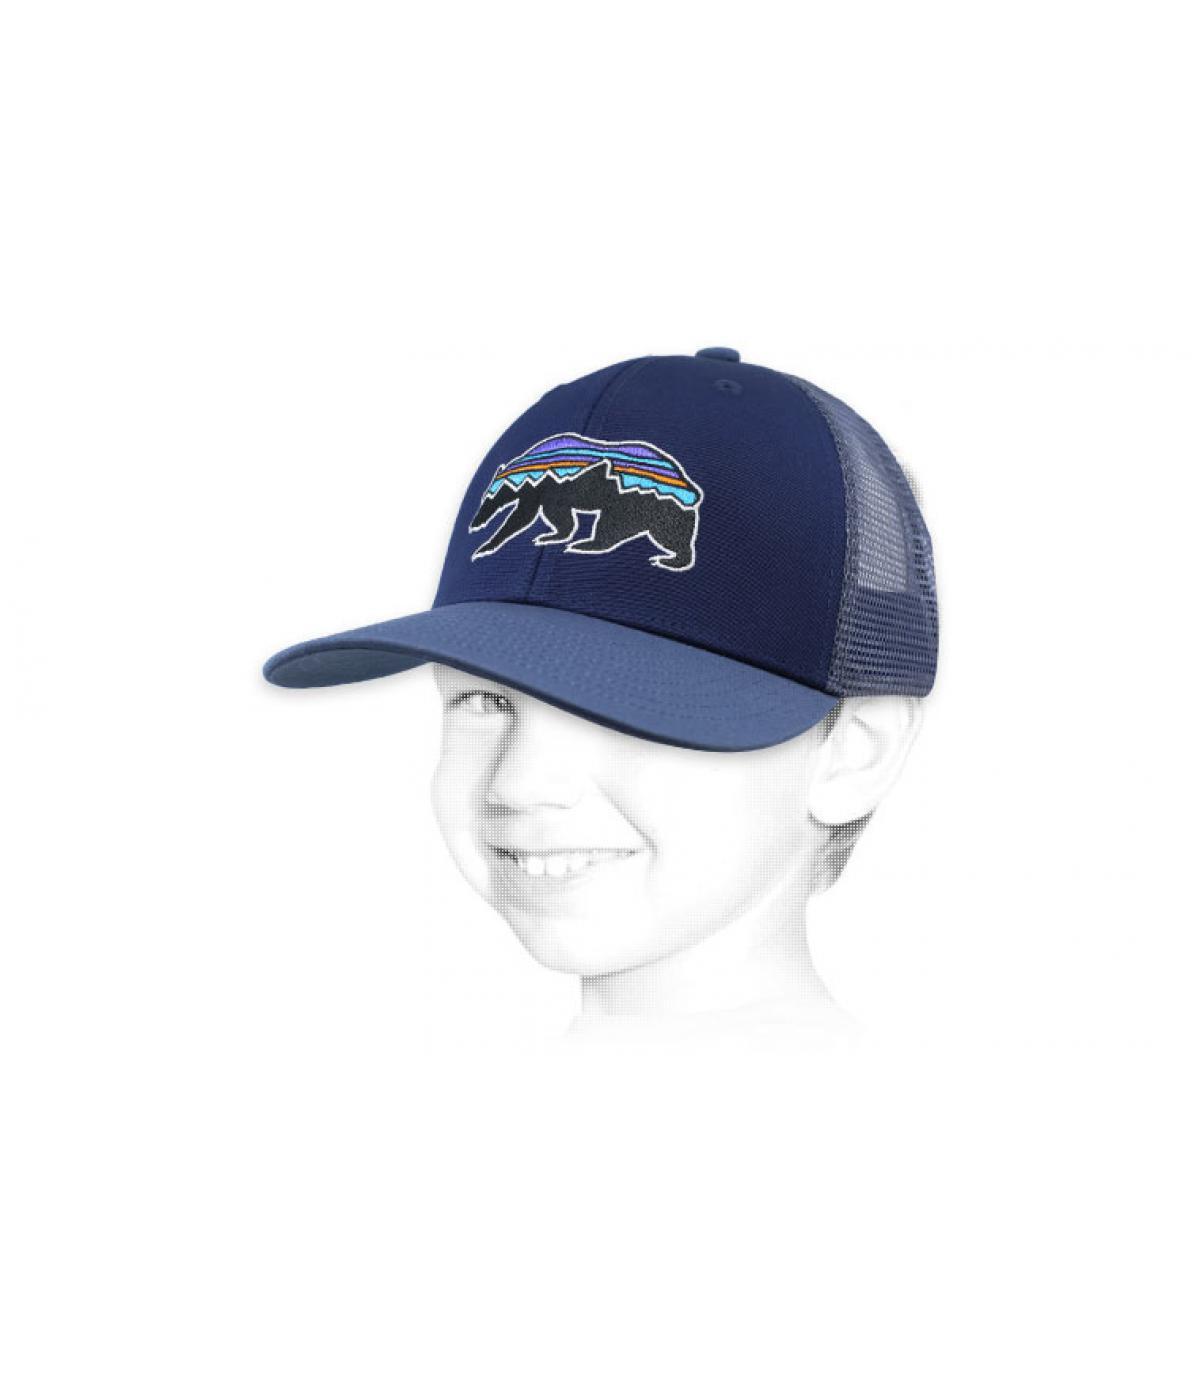 gorra niño Patagonia azul